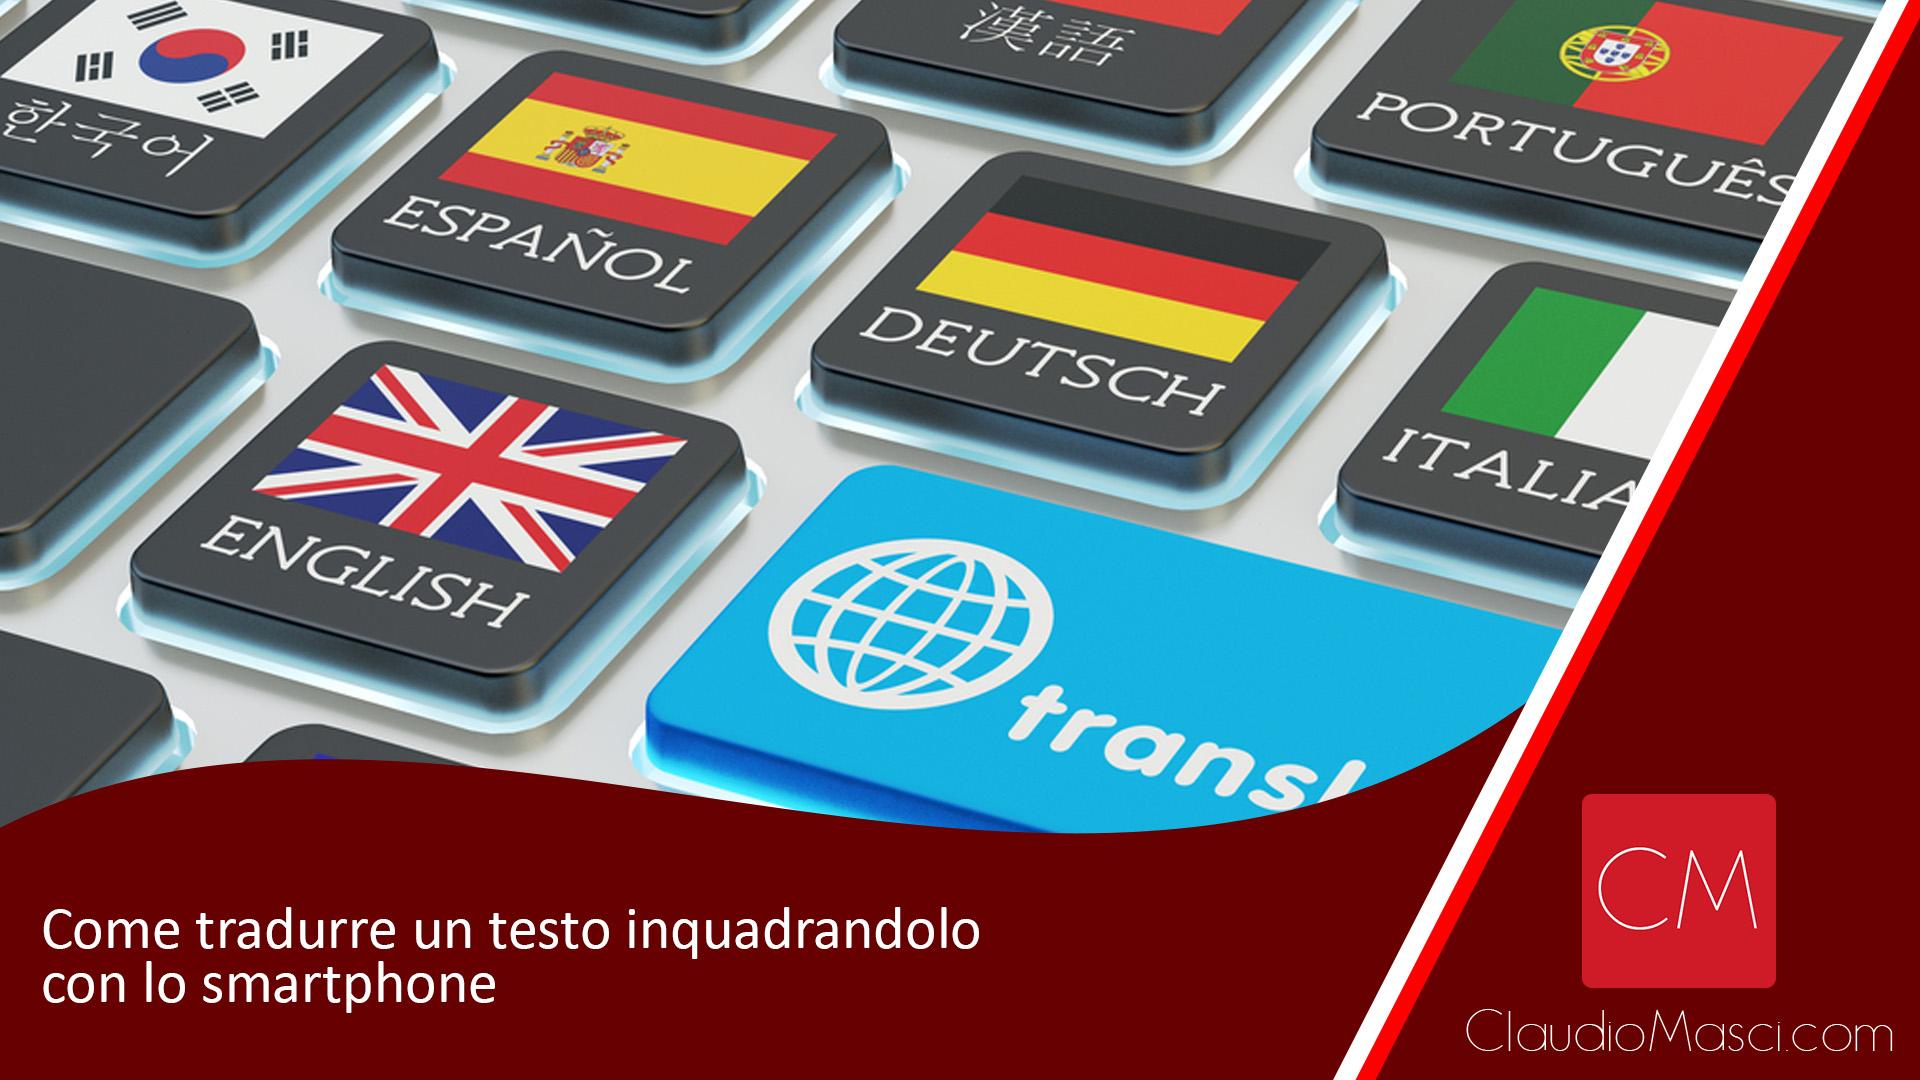 Come tradurre un testo inquadrandolo con lo smartphone